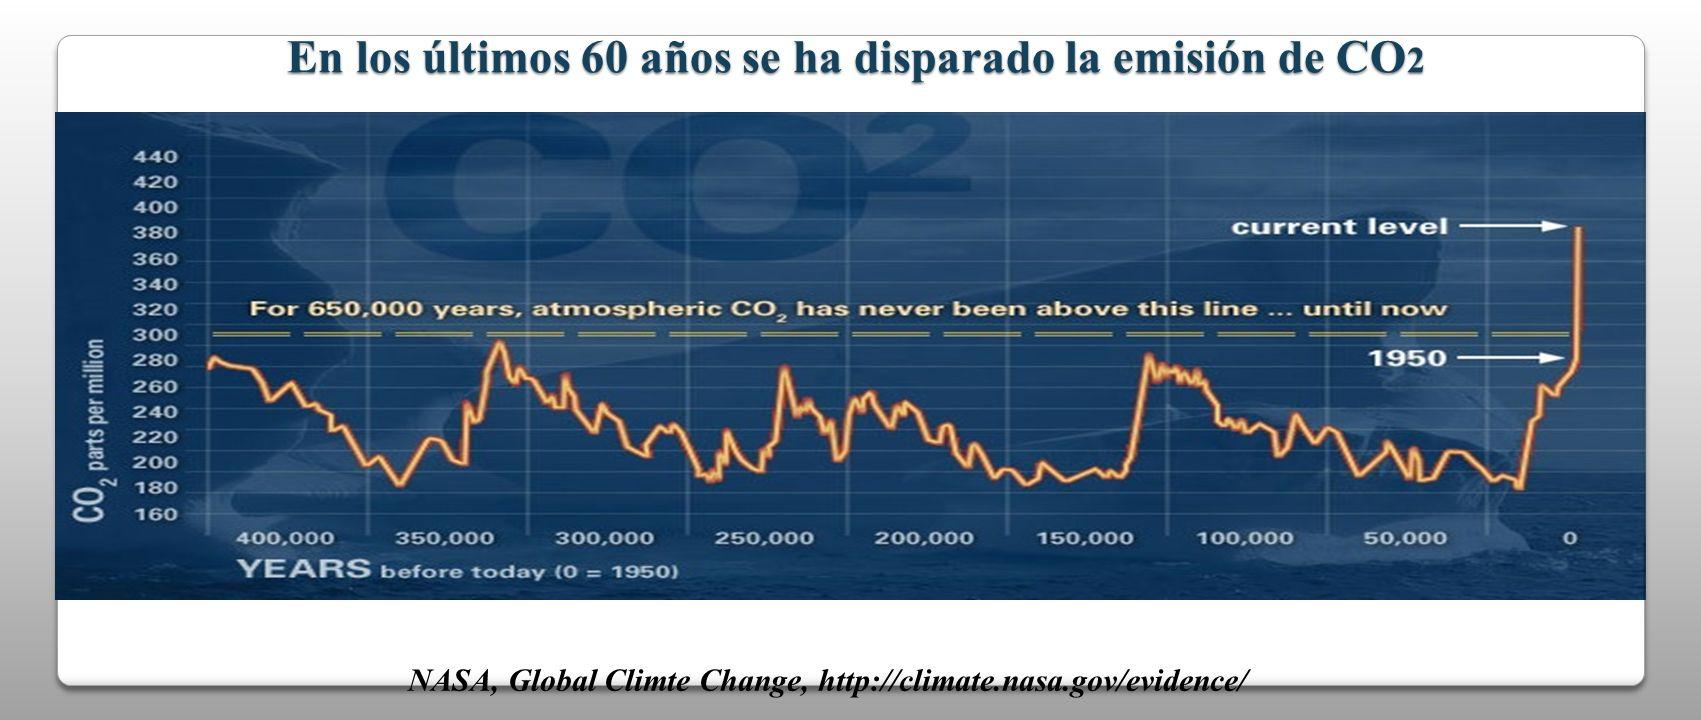 En los últimos 60 años se ha disparado la emisión de CO2